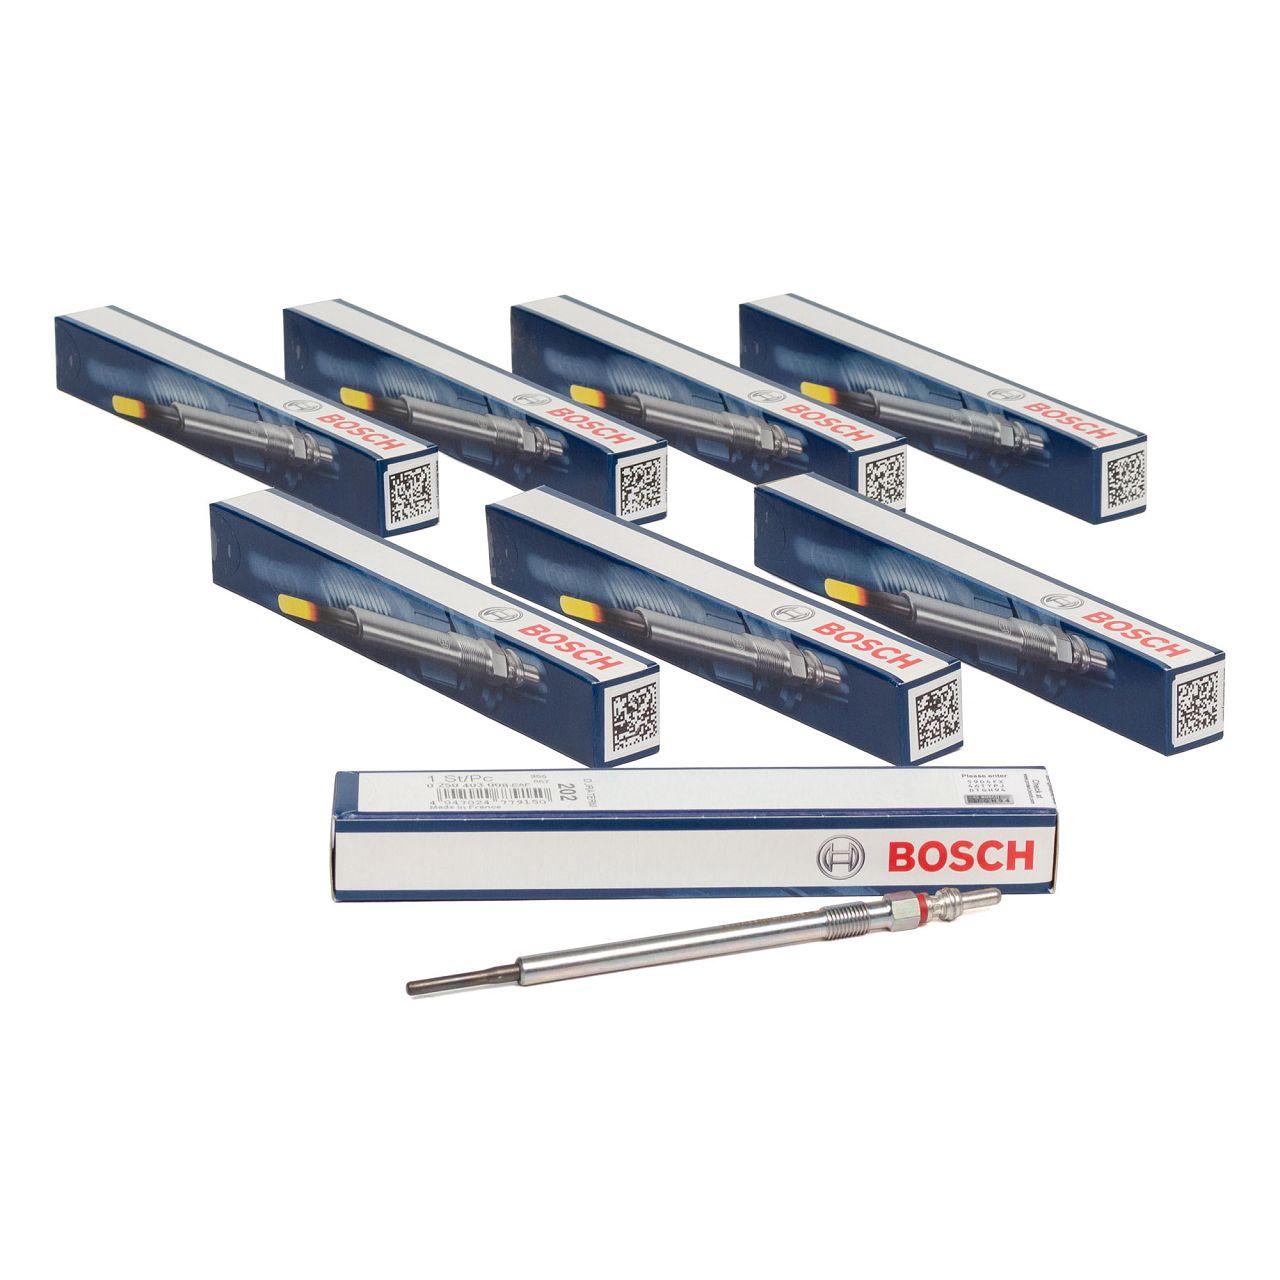 8x BOSCH Glühkerze DURATERM GLP2-HS GLP202 für MERCEDES-BENZ OM640 OM642 OM629